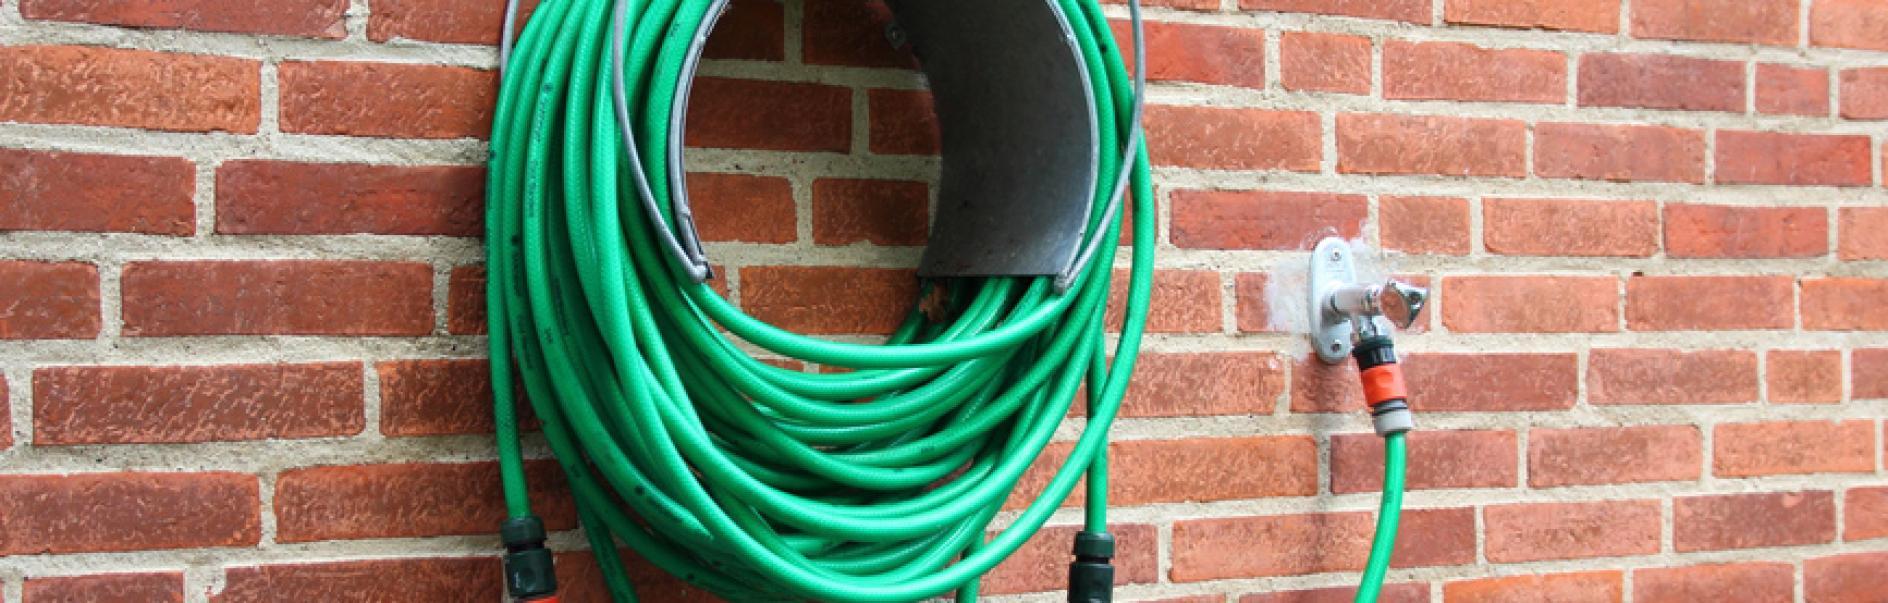 Installer Un Robinet Extérieur intérieur Applique Pour Robinet De Jardin